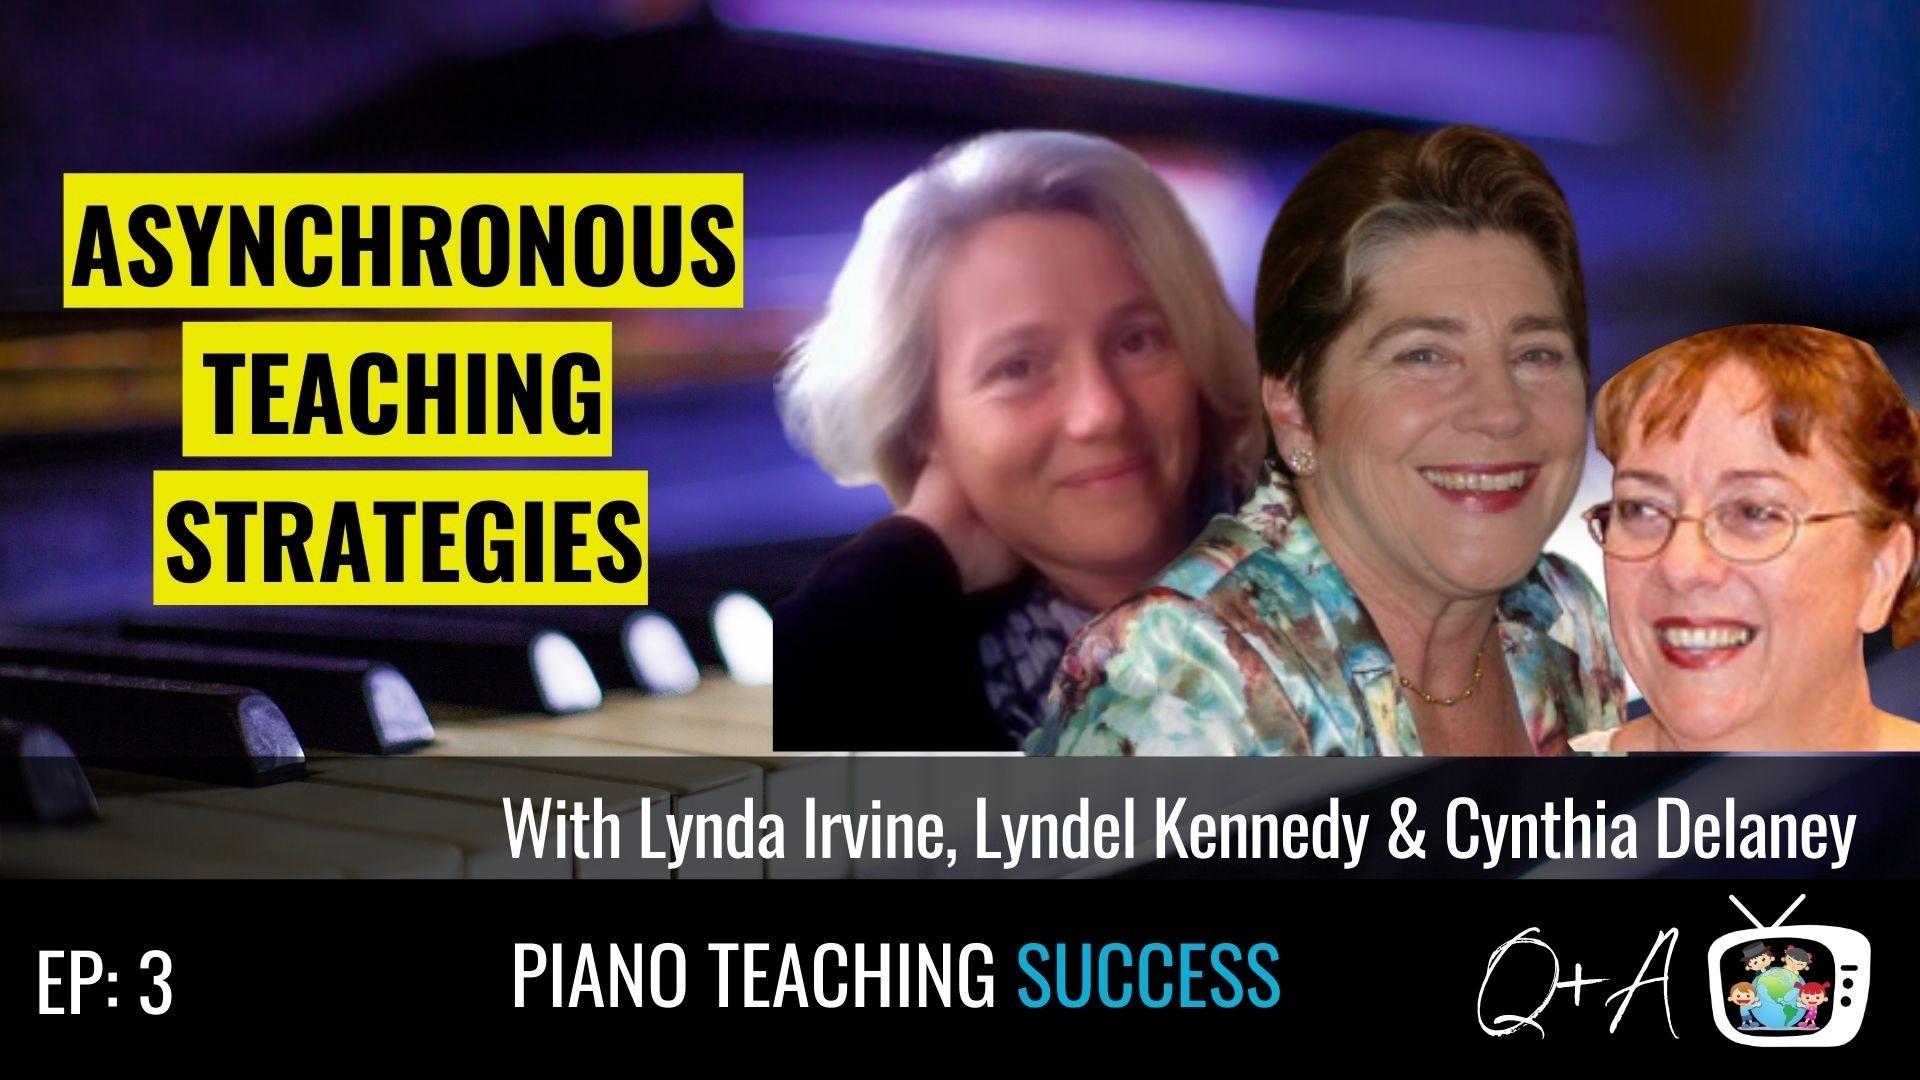 Lynda Irvine, Lyndel Kennedy, Cynthia Delaney